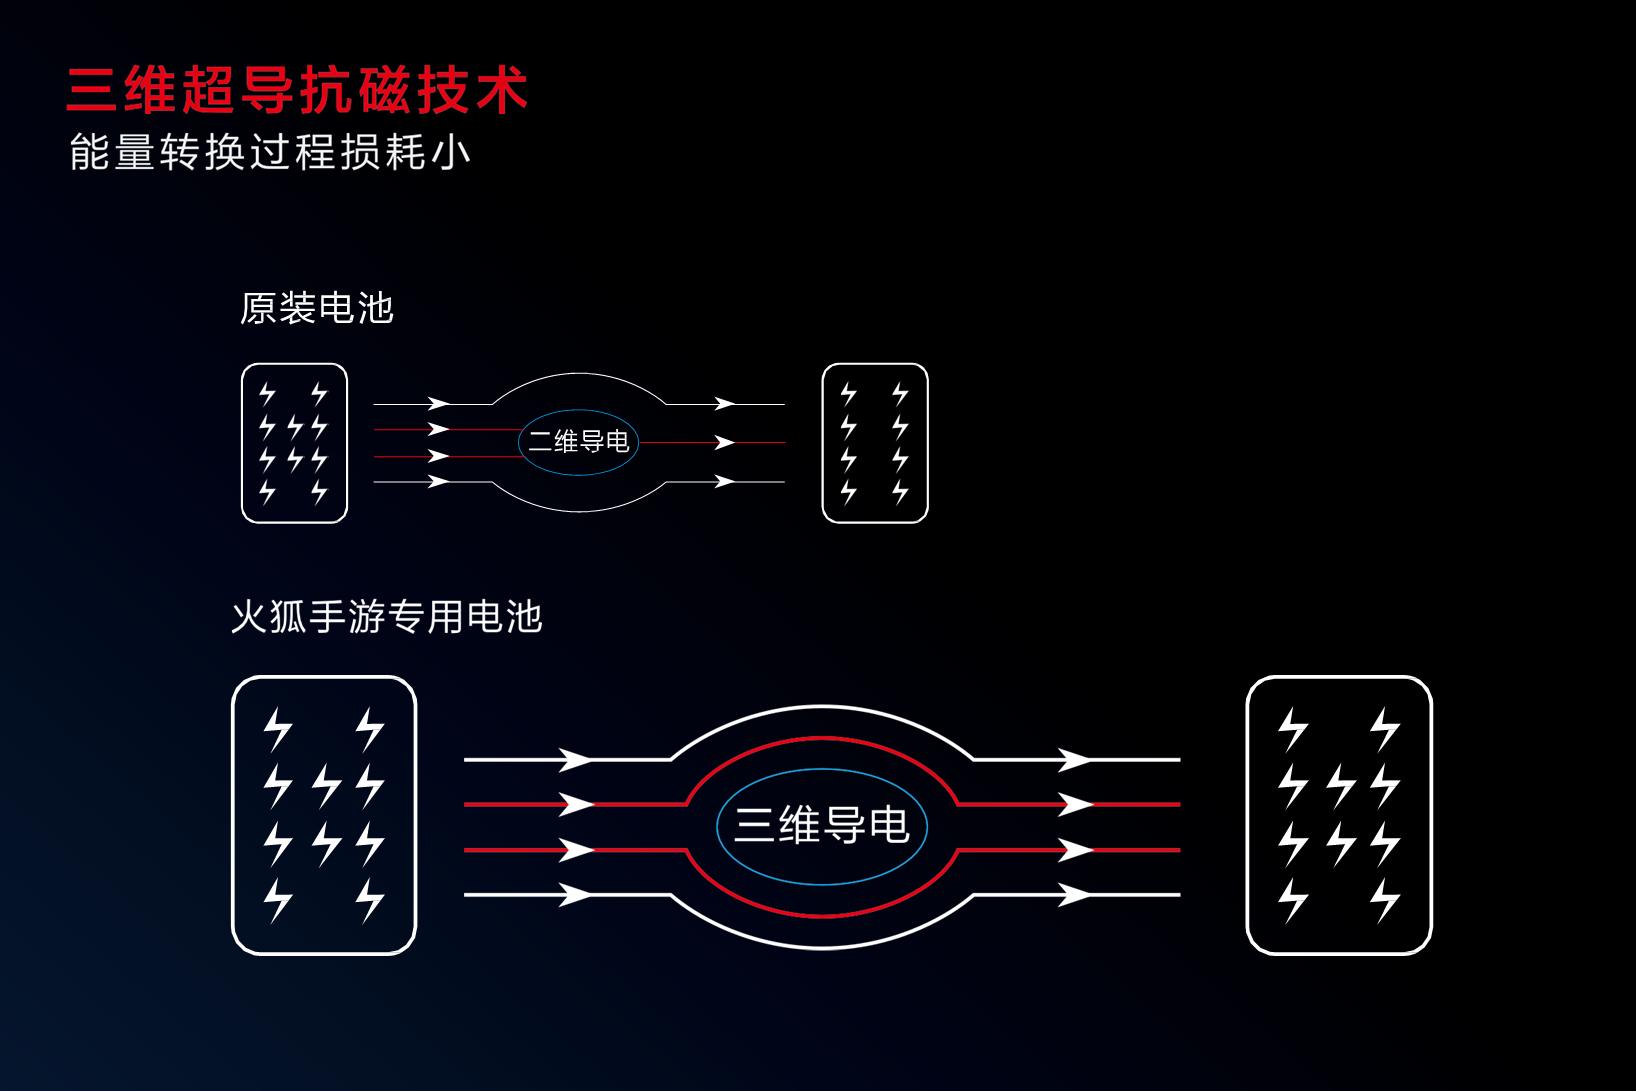 重磅官宣!沃品推出行业首款手游专用电池-火狐 业内 第6张